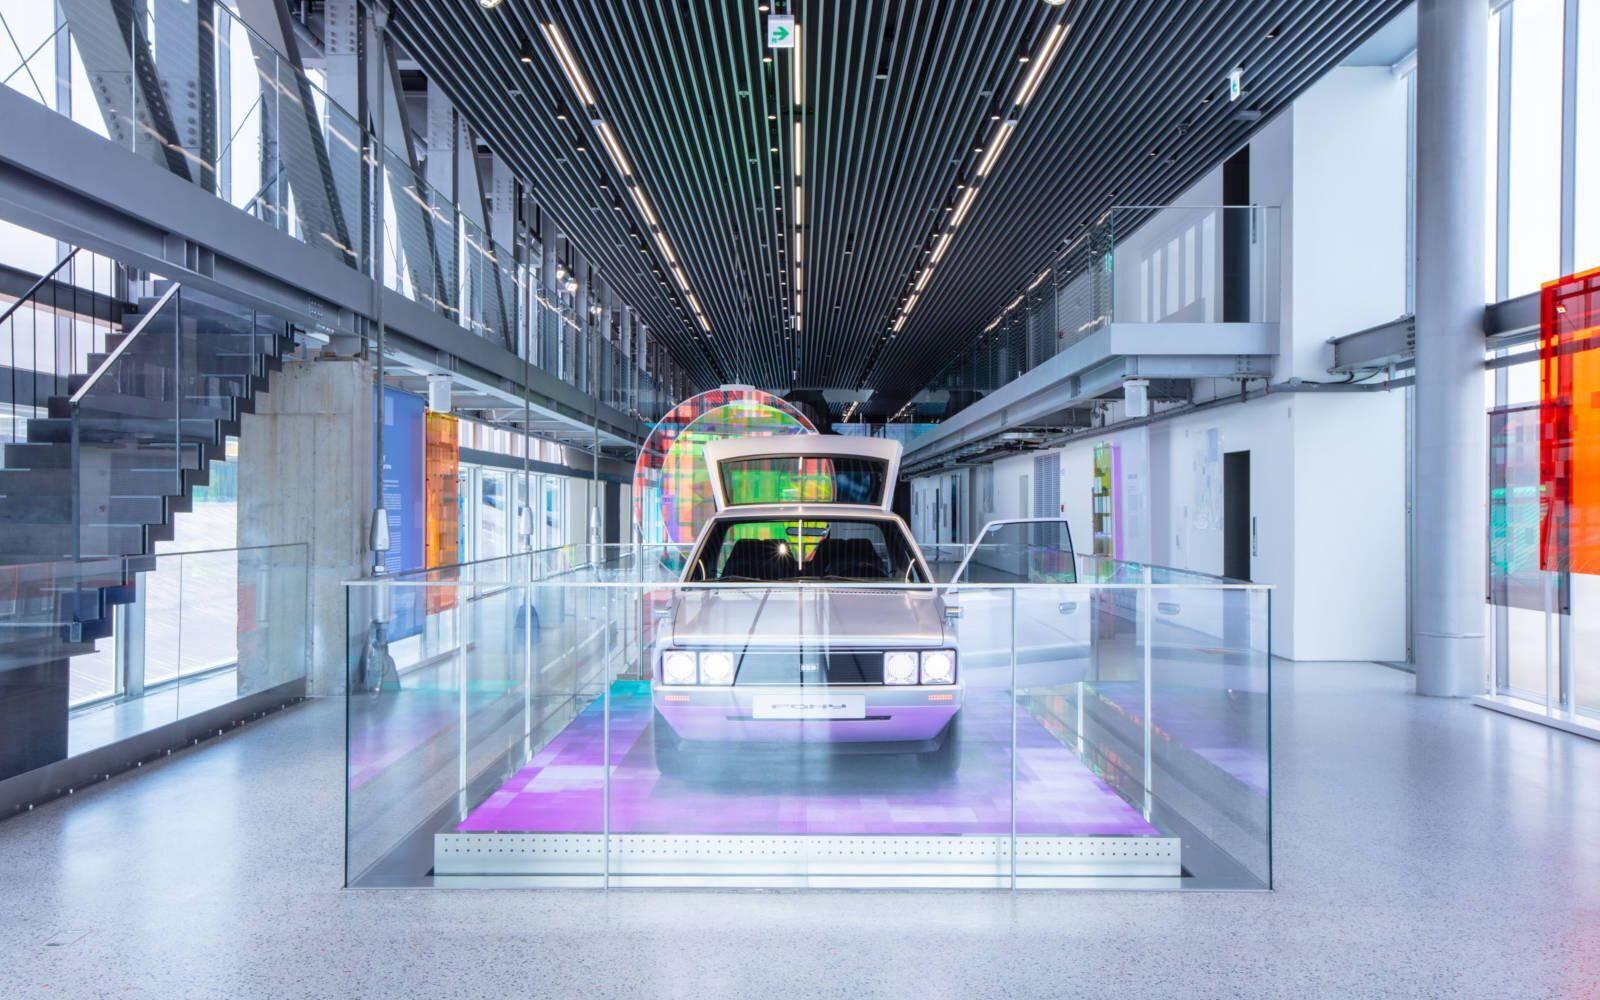 Рестомод выставили в Hyundai Motorstudio в Пусане, где он будет демонстрироваться в рамках экспозиции Reflections in Motion